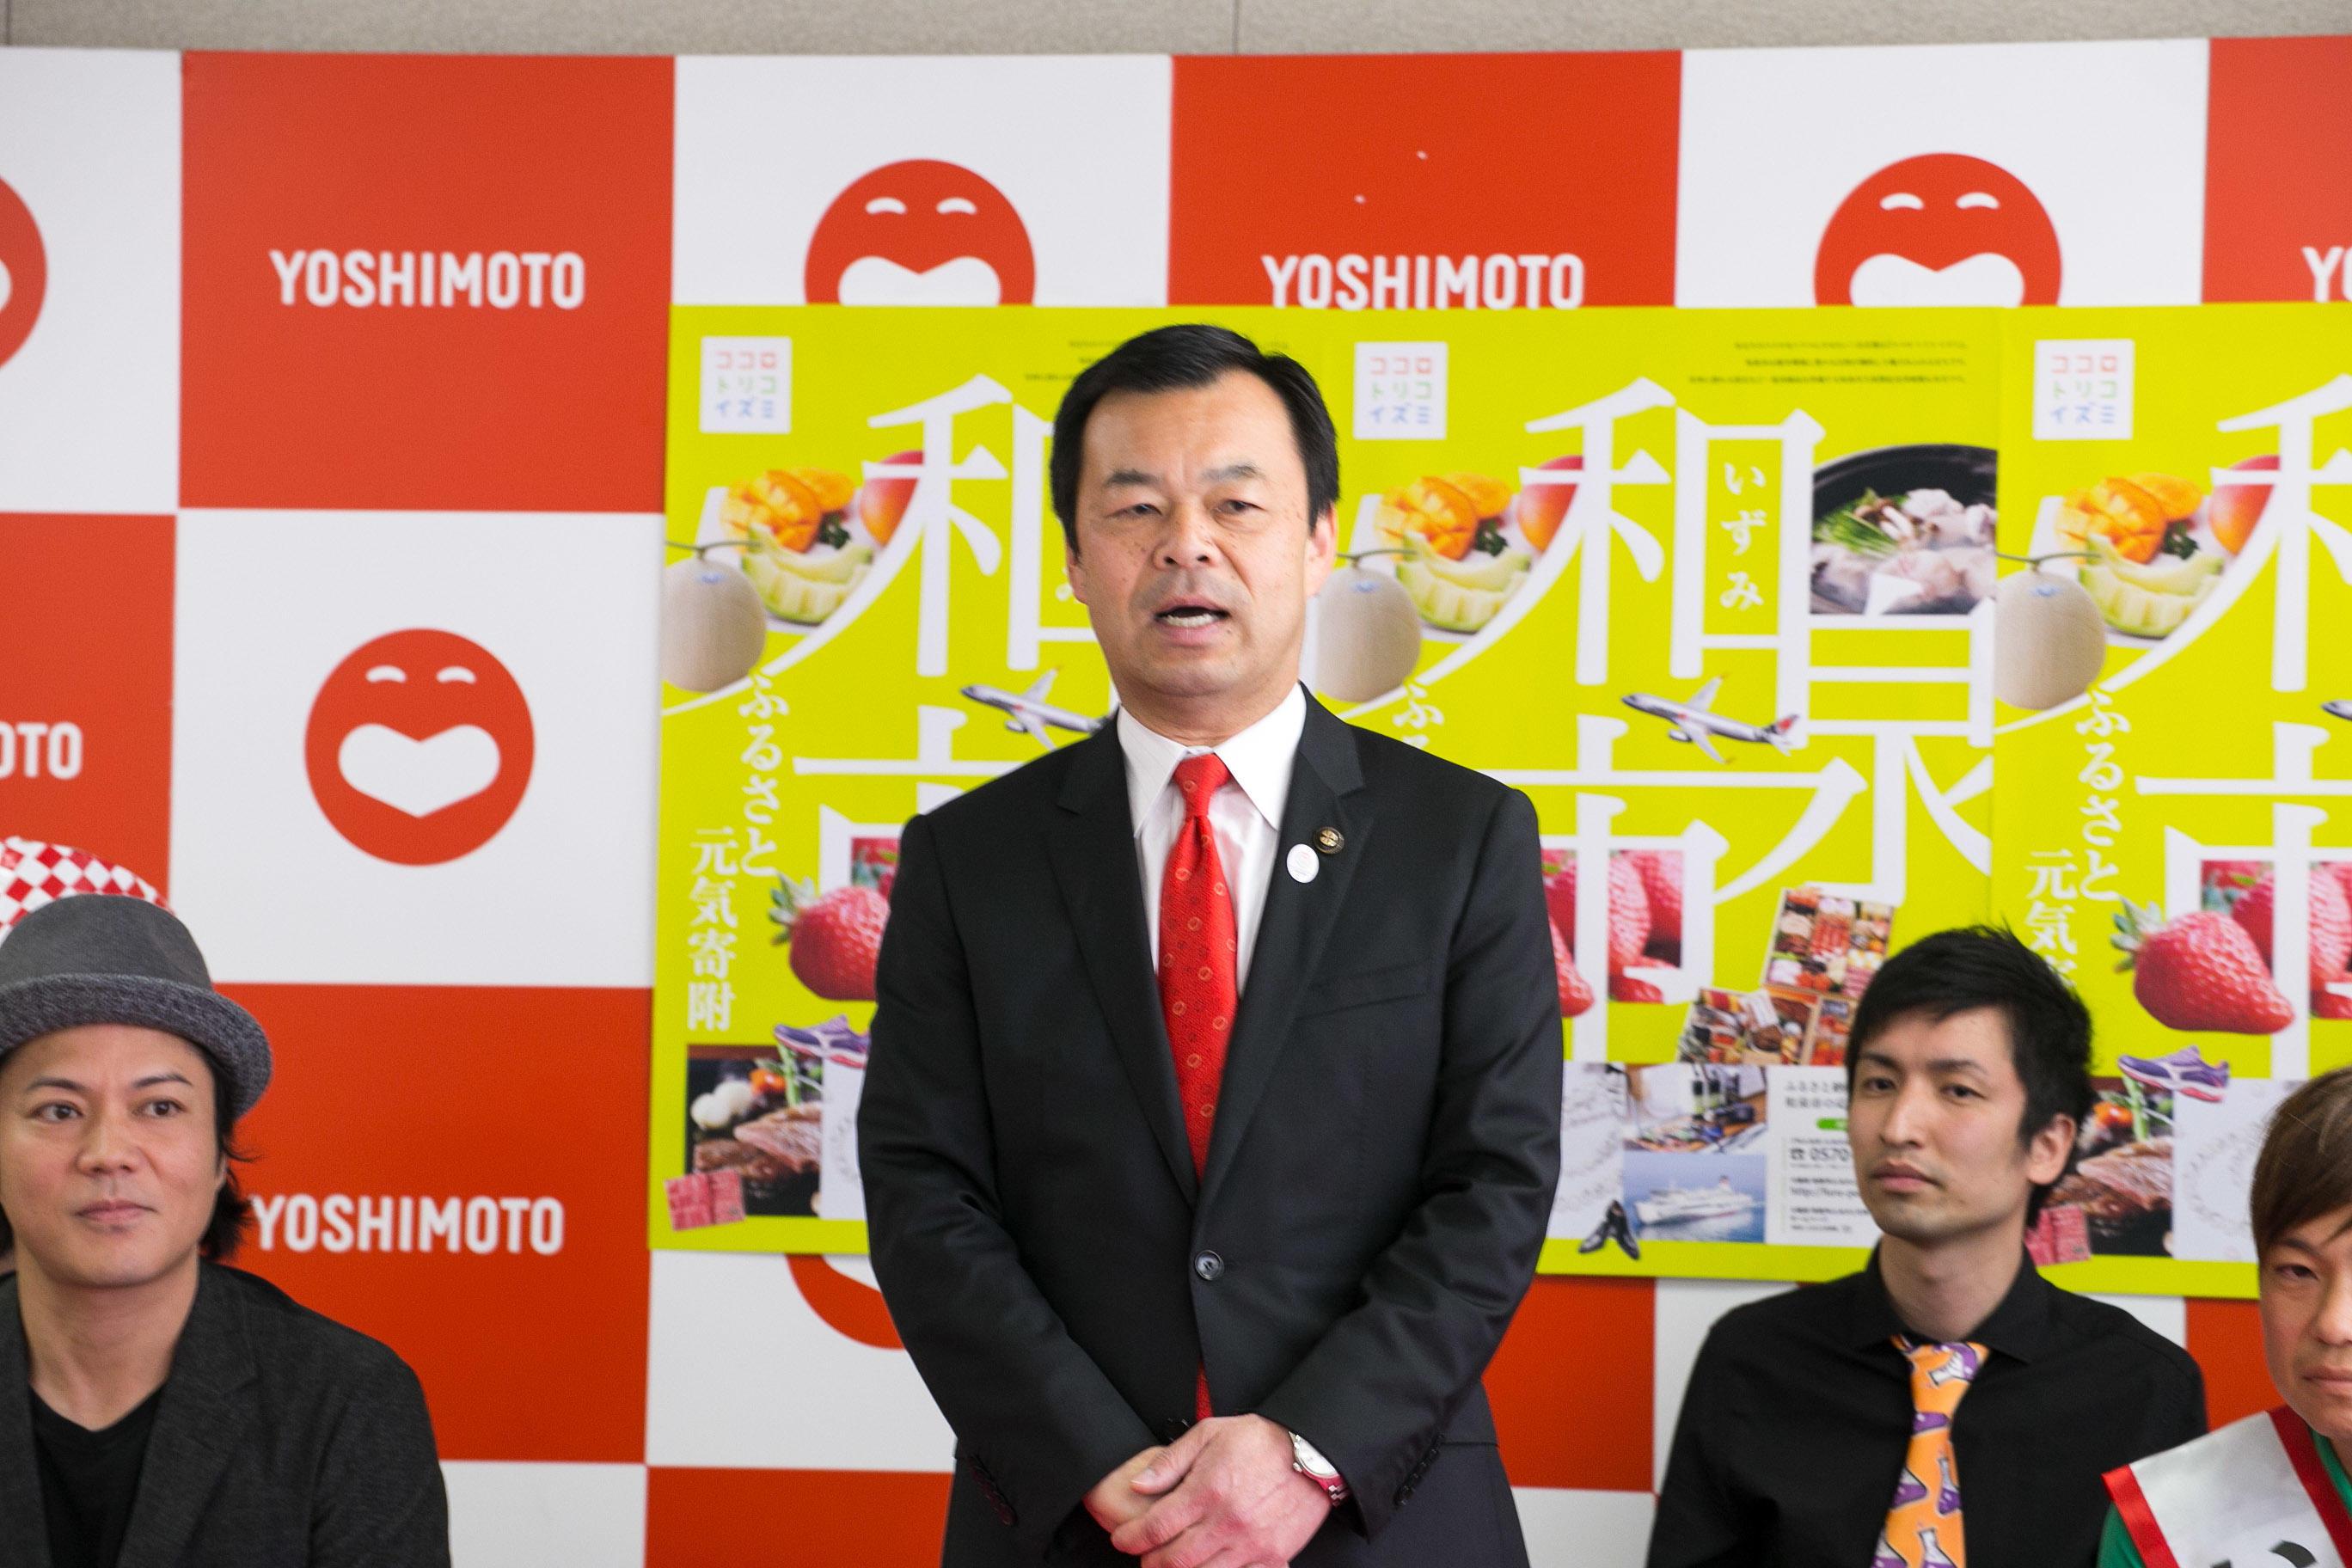 http://news.yoshimoto.co.jp/20180410140725-32a35310768a2ab0d104eefa473394490a8d4a3b.jpg